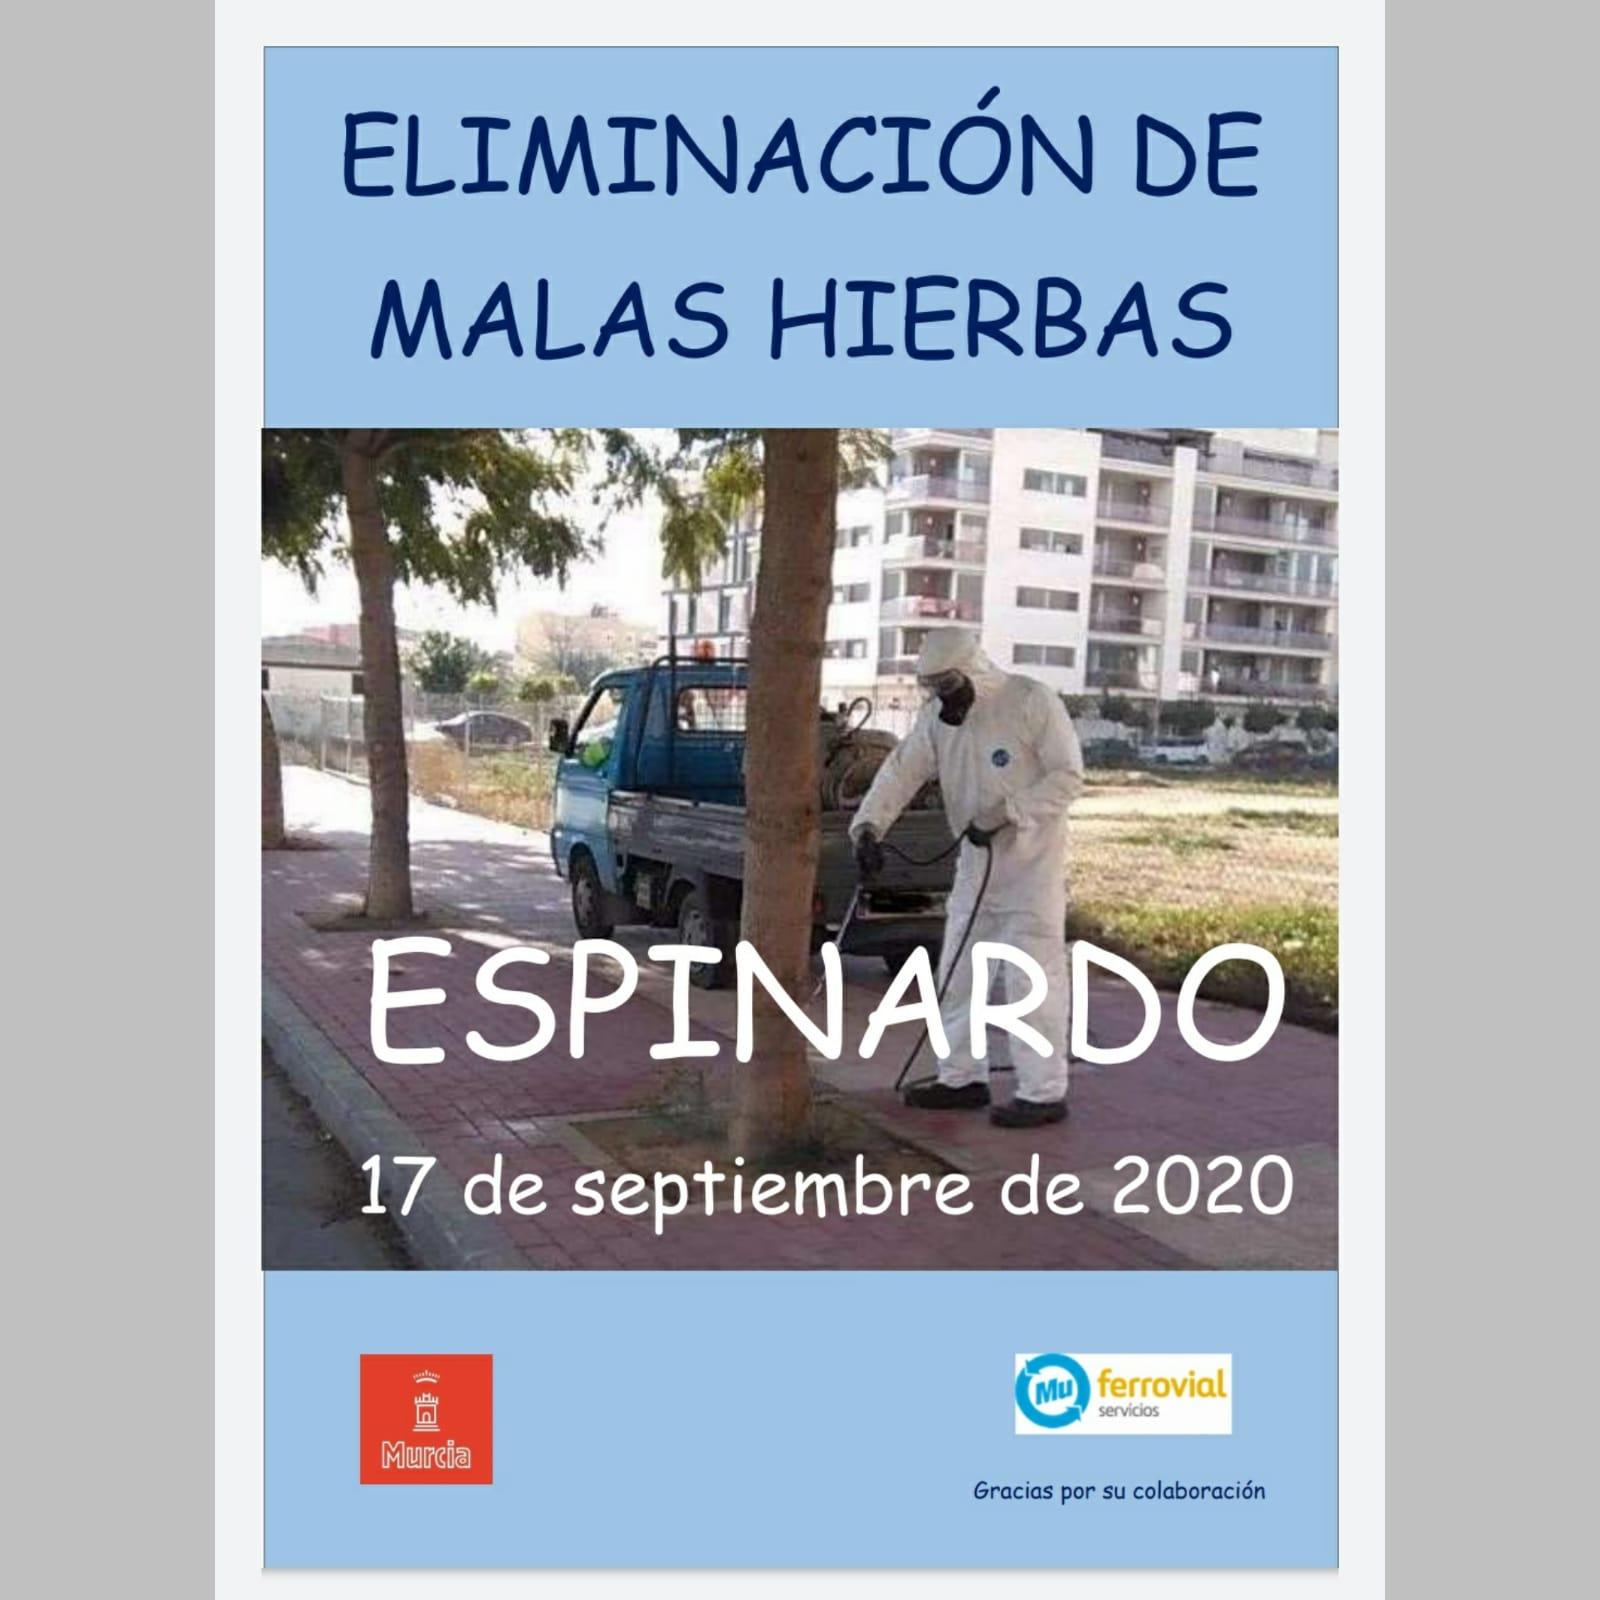 Cartel eliminación malas hierbas 17-09-20 en Espinardo y Joven Futura